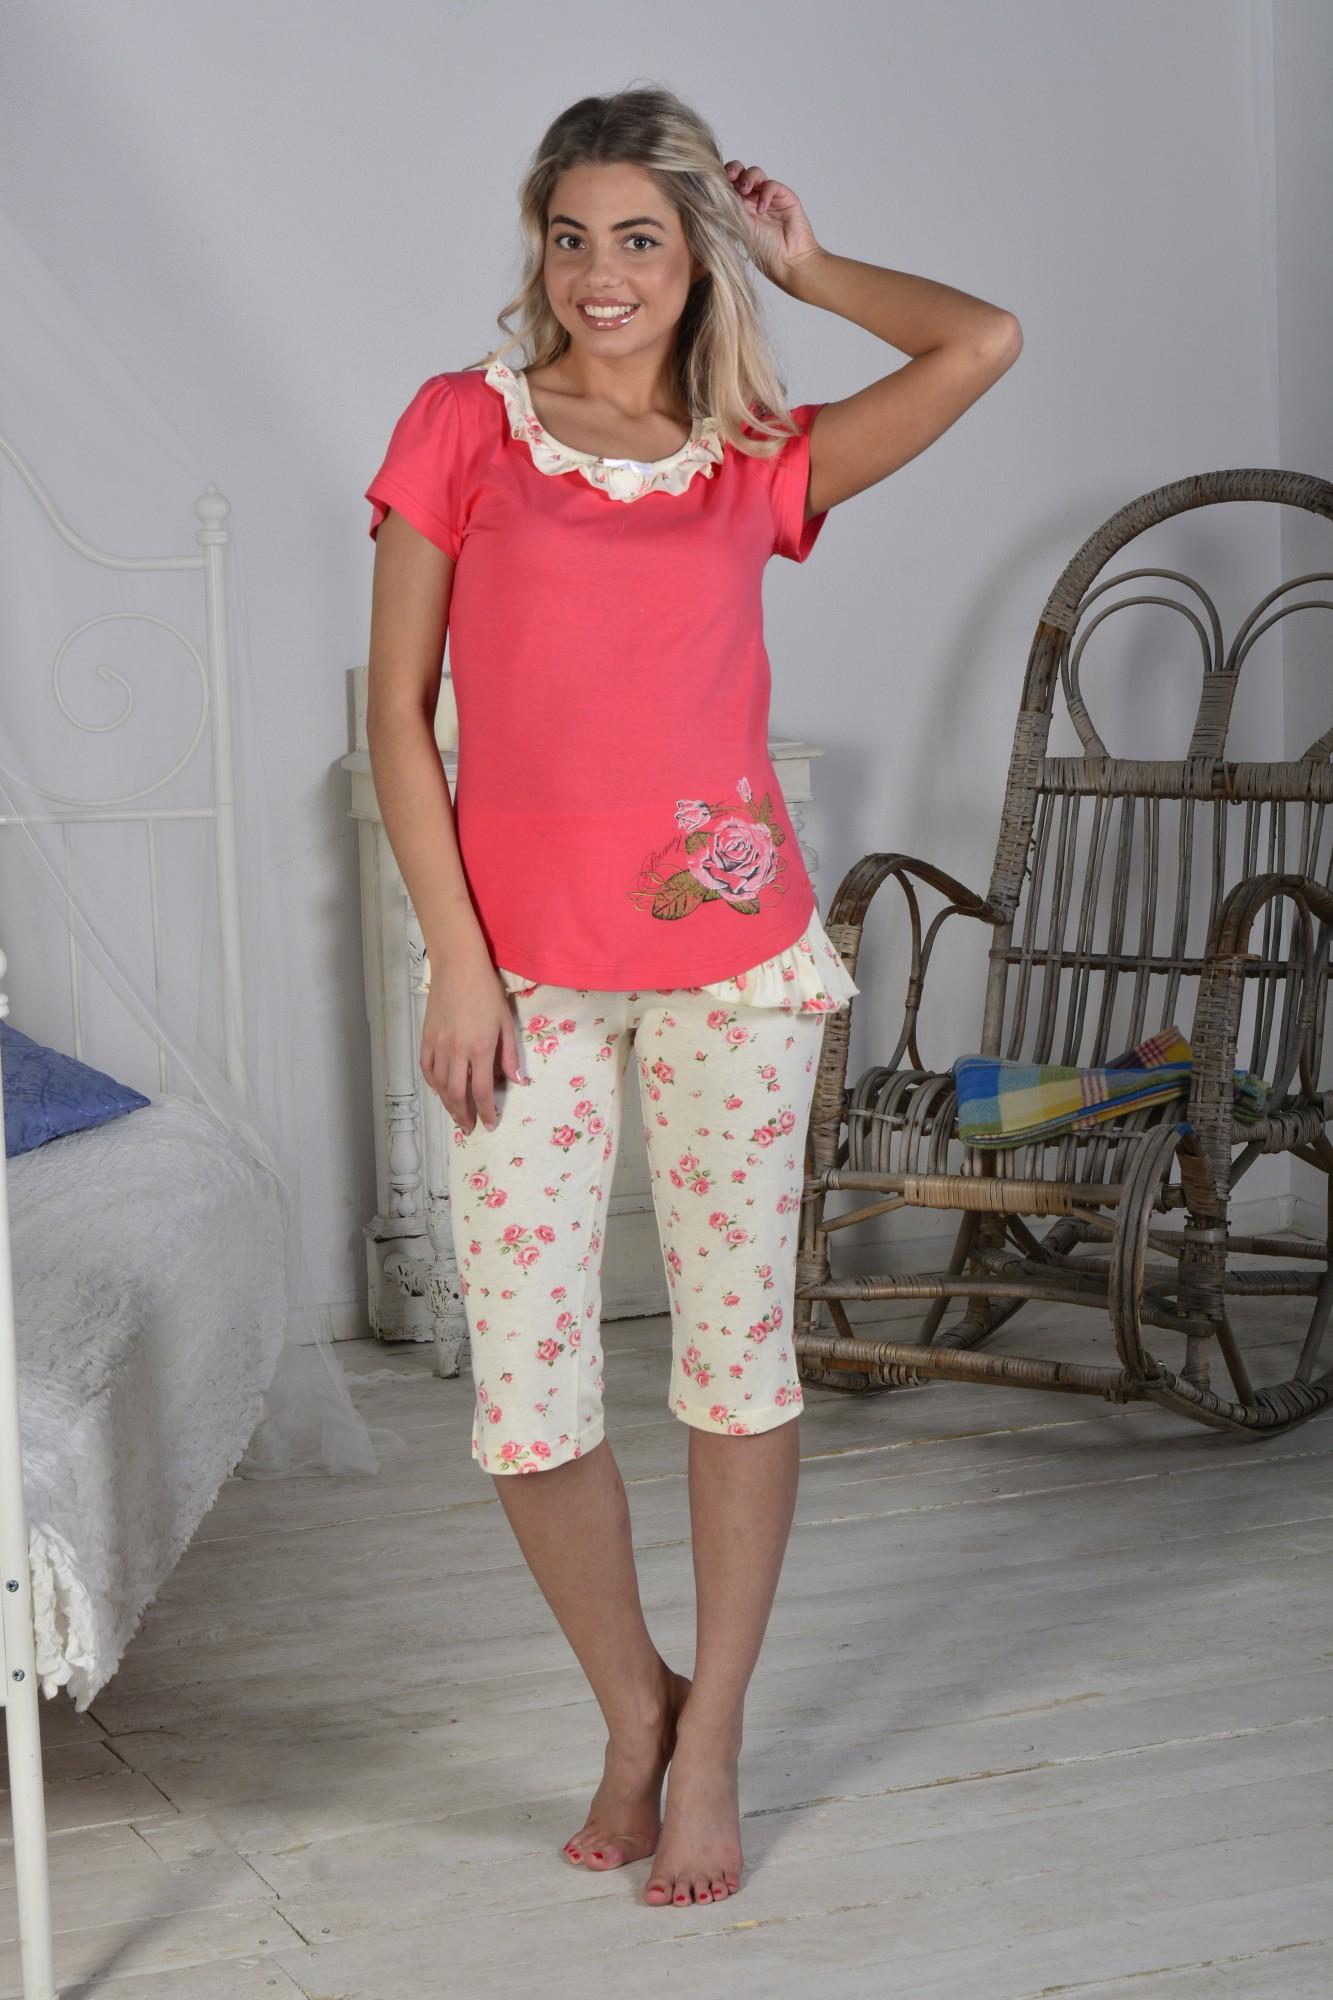 Костюм женский Бутон футболка + бриджиДомашние комплекты, костюмы<br><br><br>Размер: 46